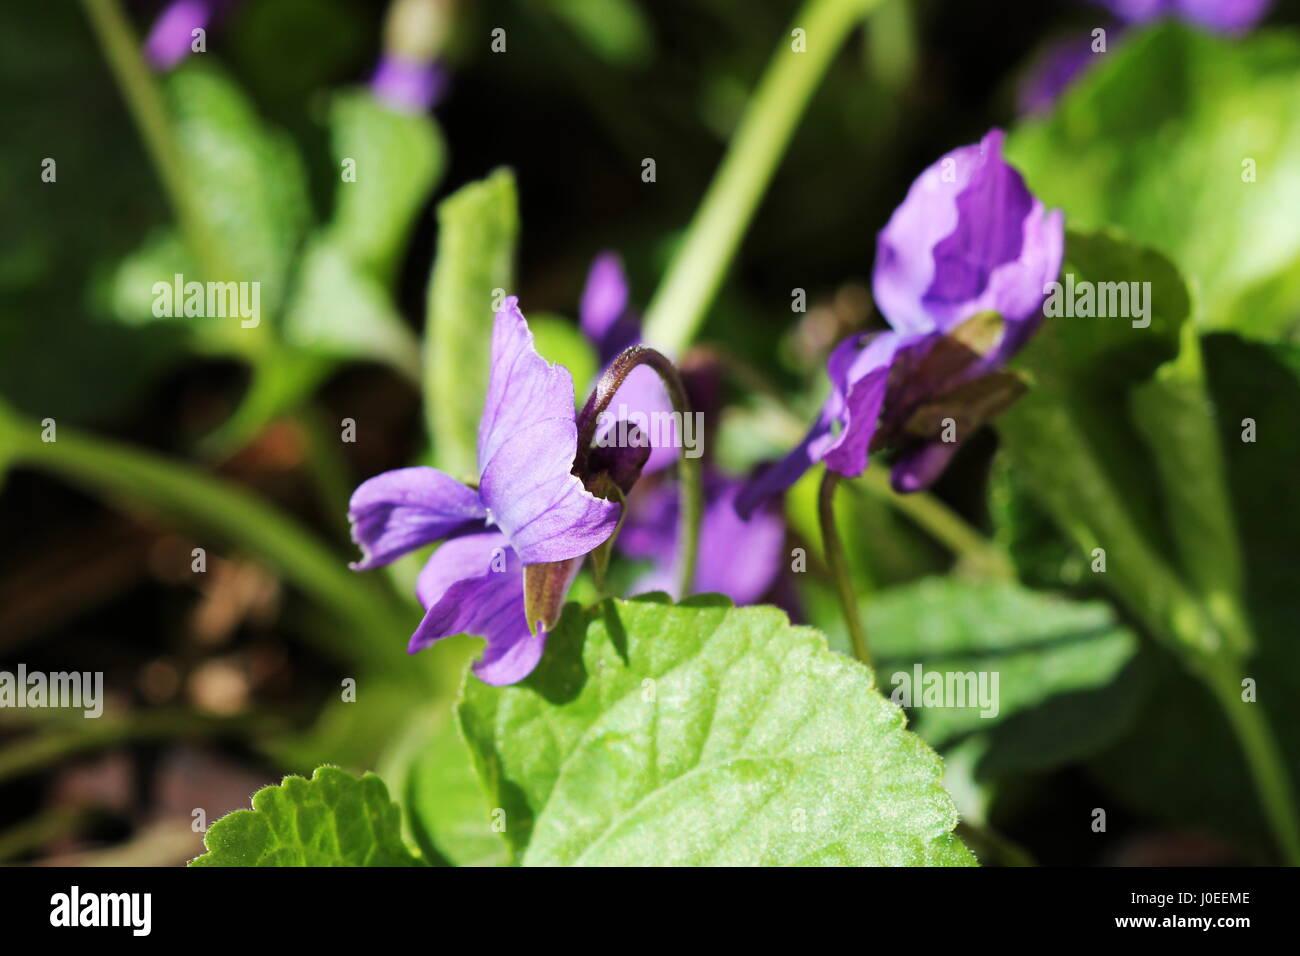 Viola odorata - wild violet - Stock Image